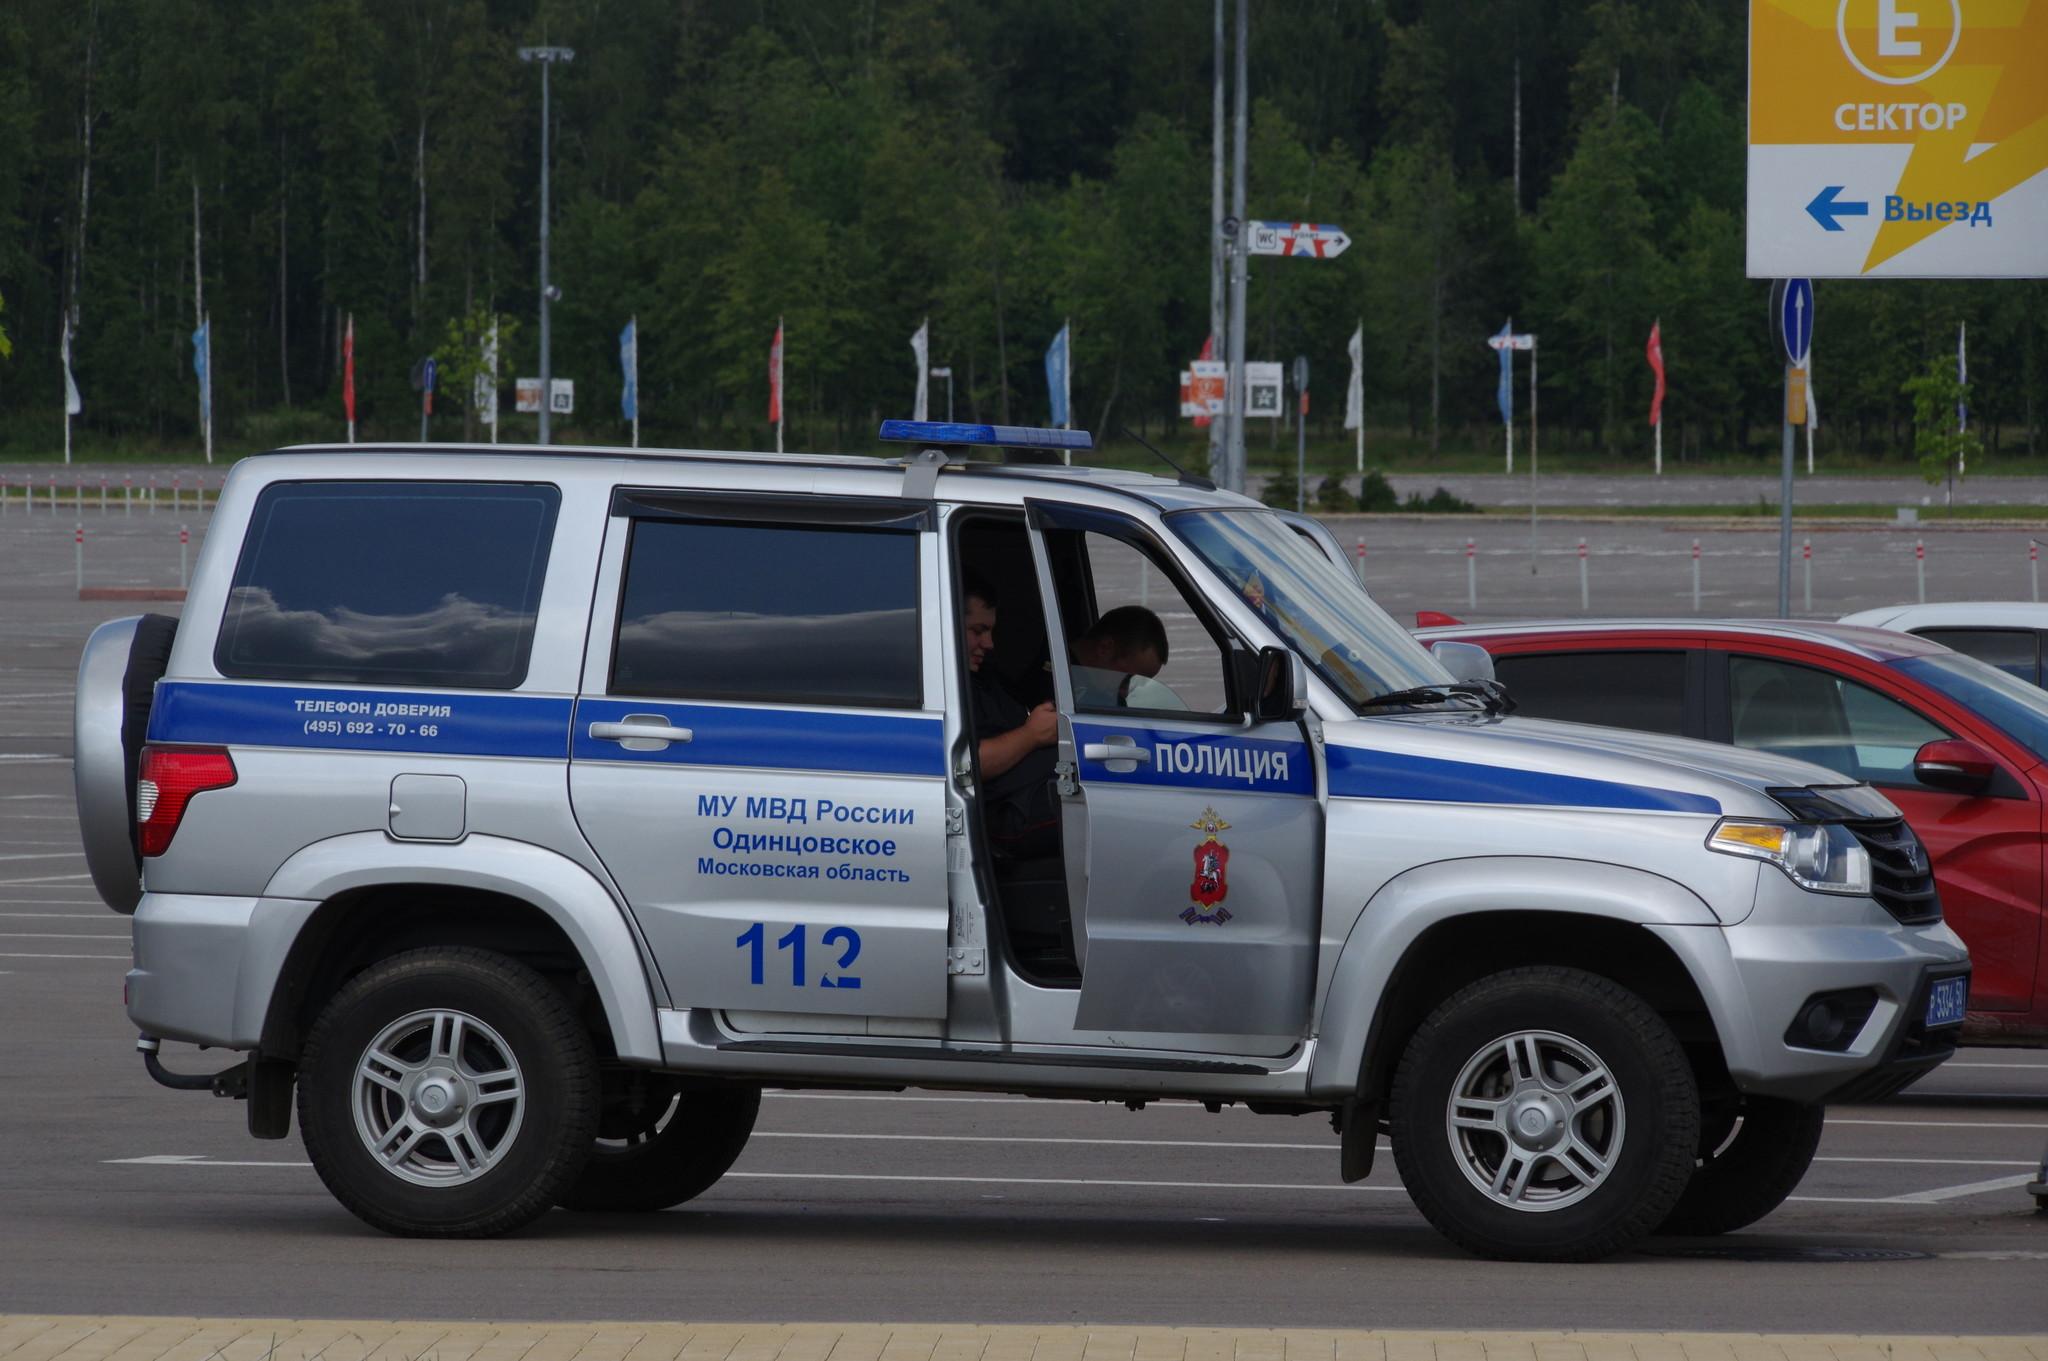 Автомобиль УАЗ «Патриот»